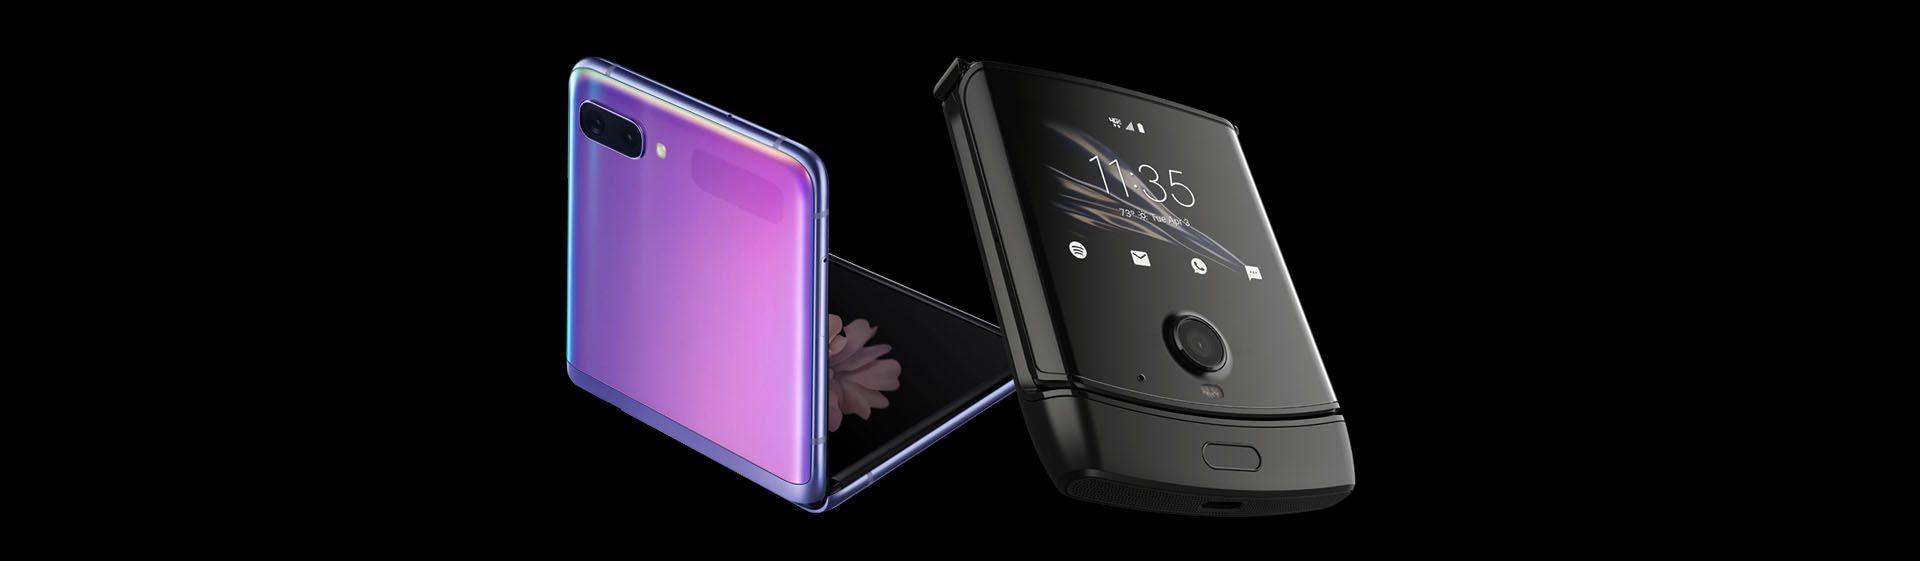 Galaxy Z Flip vs Motorola RAZR: qual é o melhor celular dobrável?